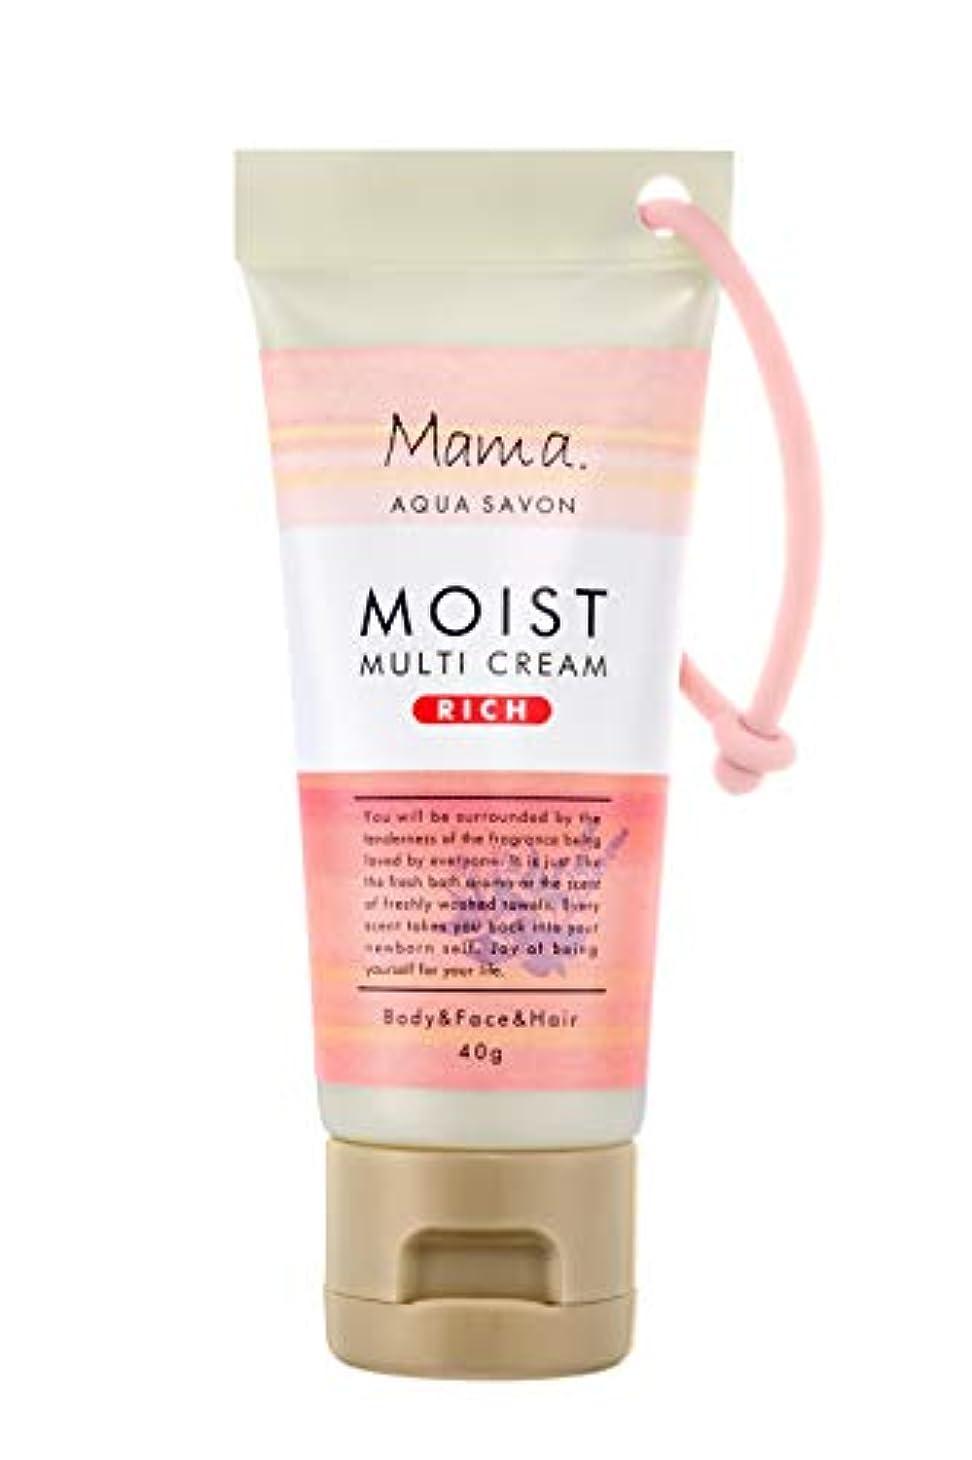 付ける繰り返した悪因子ママアクアシャボン モイストマルチクリーム リッチ フラワーアロマウォーターの香り 18A 40g